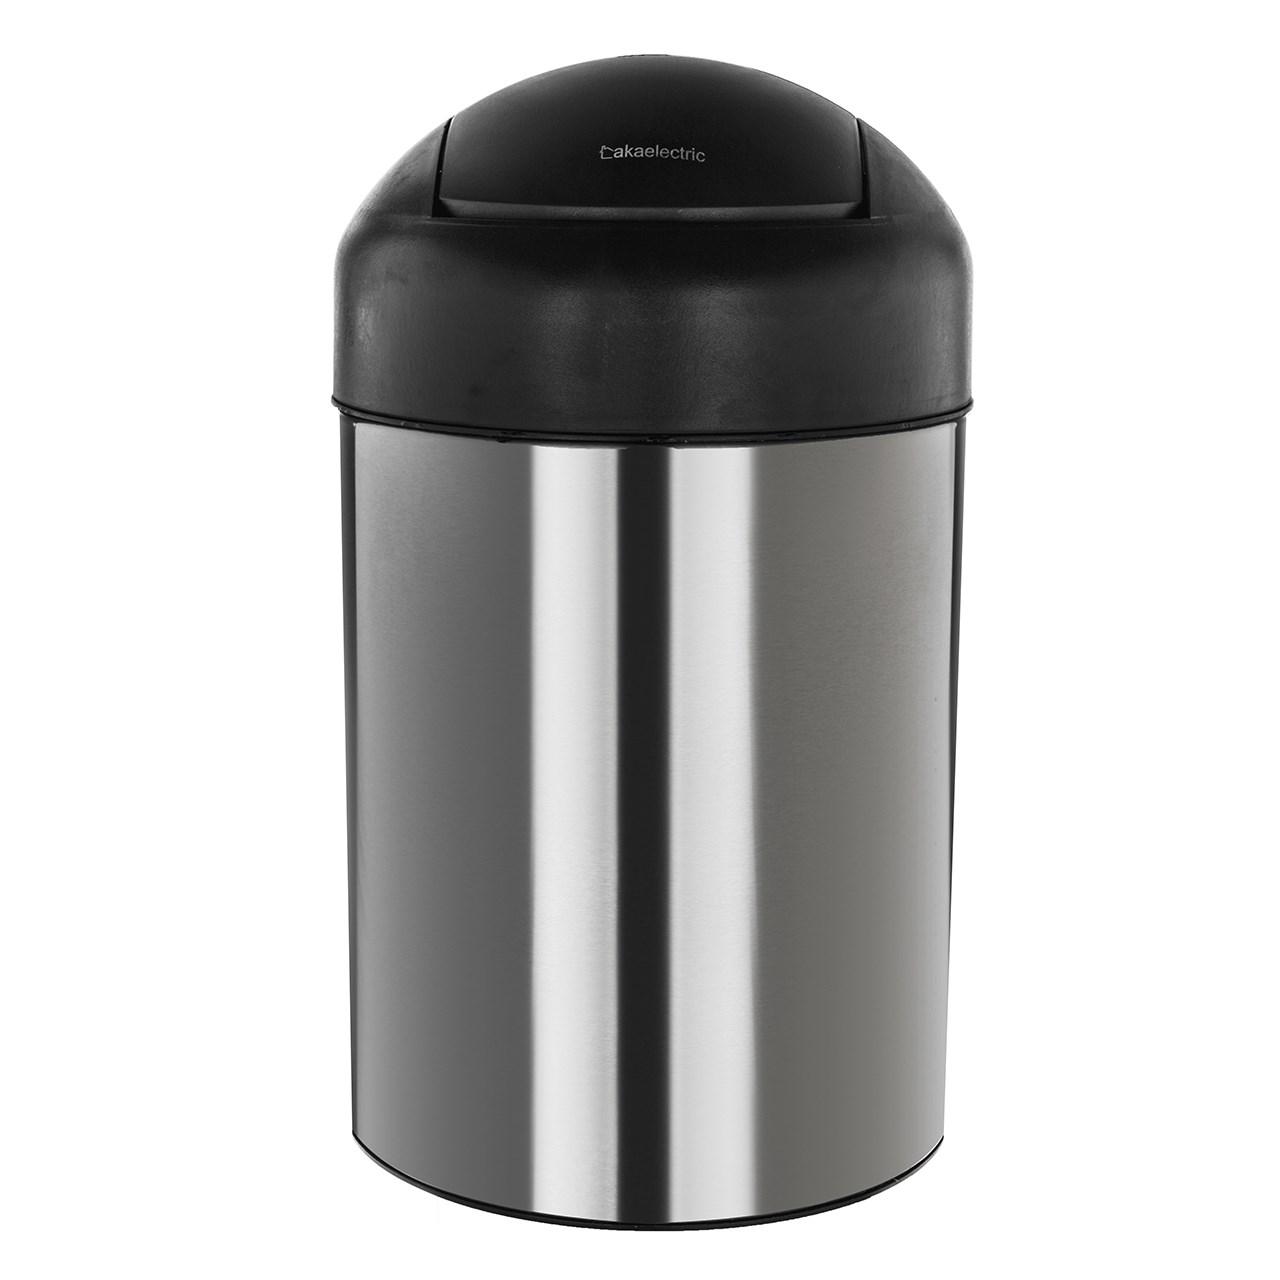 سطل زباله آکا الکتریک مدل Tan Door گنجایش 20 لیتر